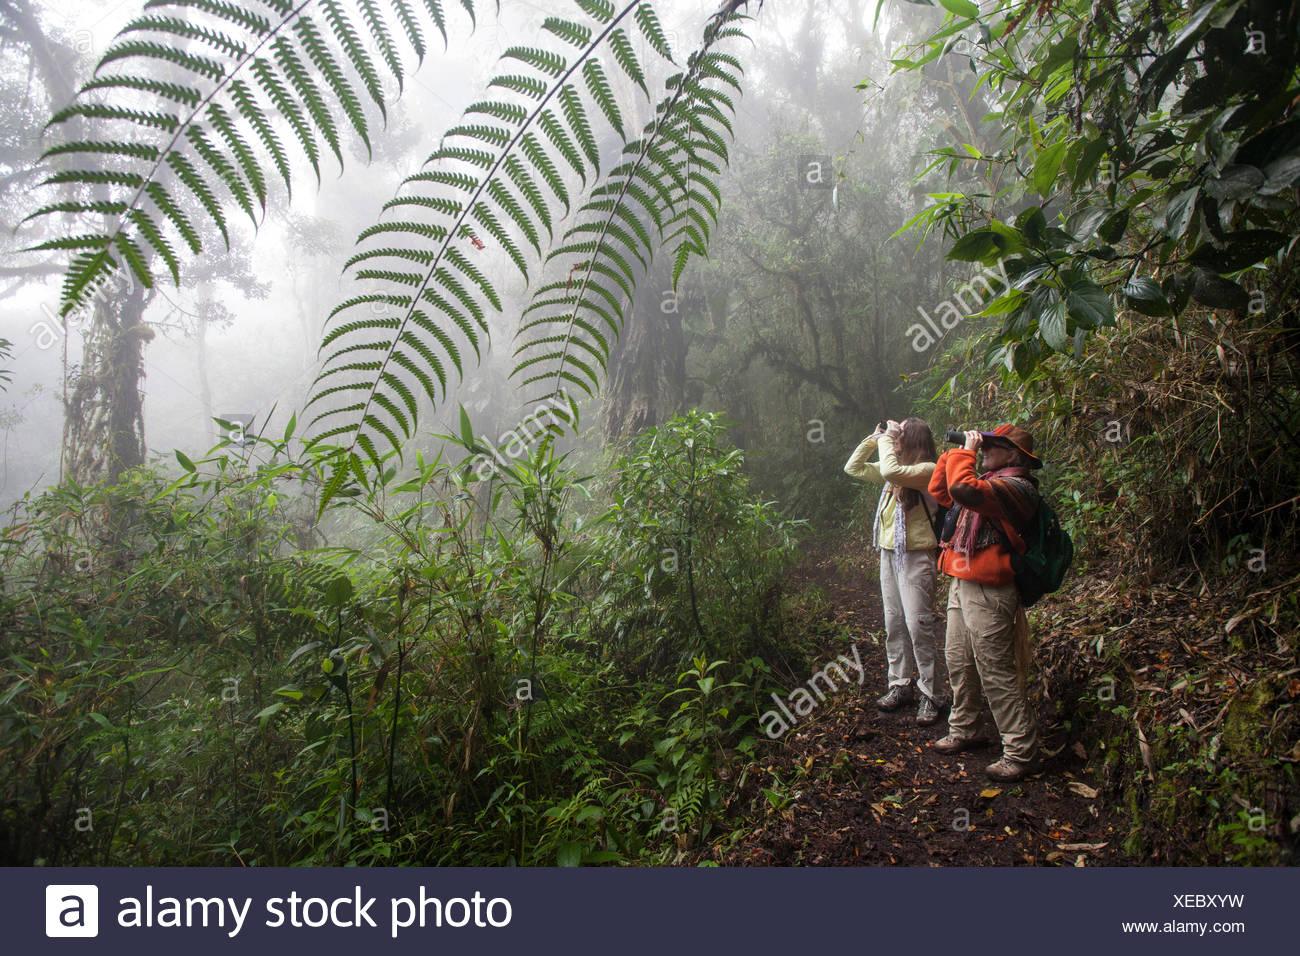 Zwei Frauen mit Fernglas Vögel in den Anden zu beobachten. Stockbild